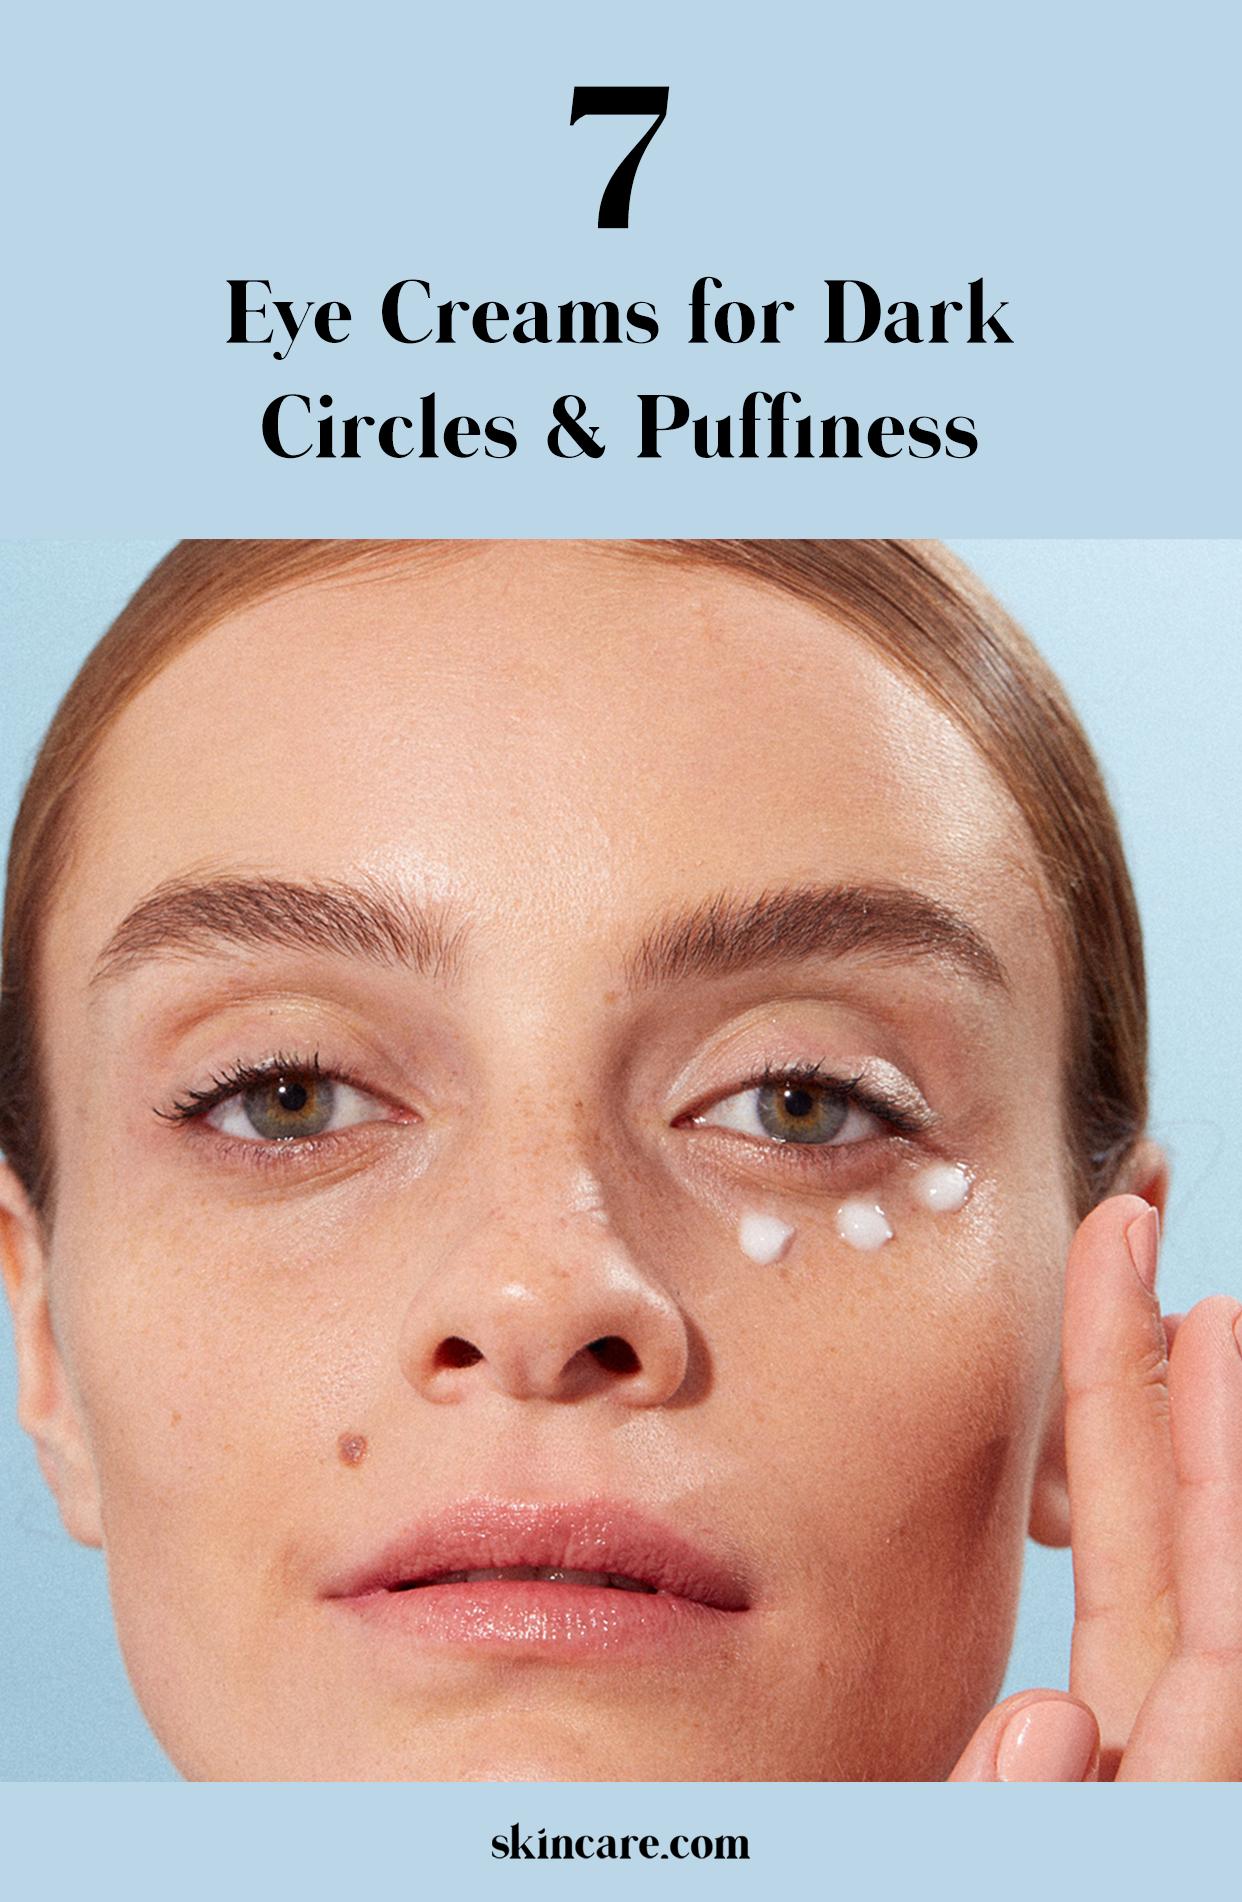 Best Eye Creams to Get Rid of Dark Circles in 2020 Eye